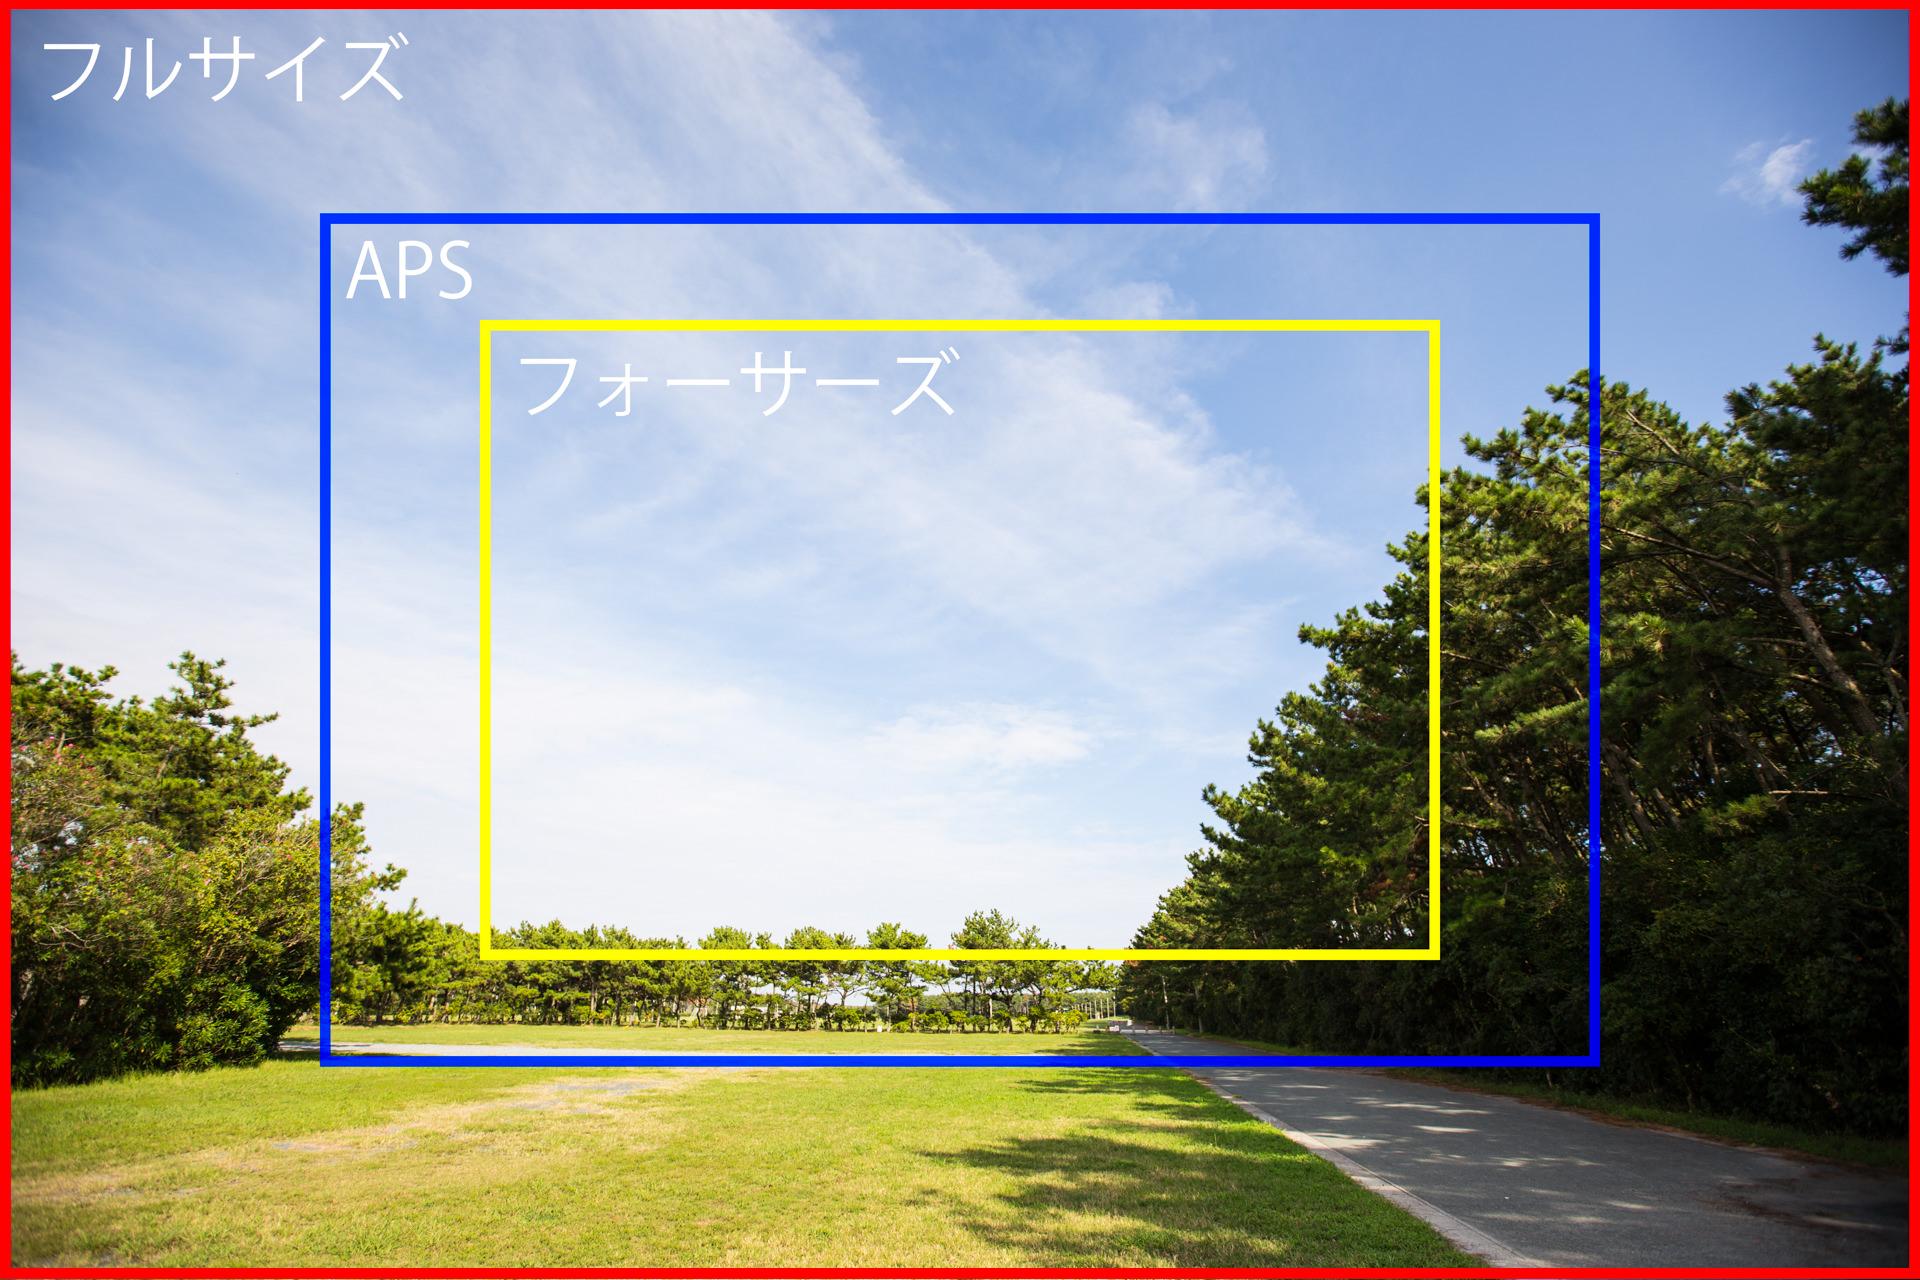 フルサイズ(赤)、APS(青)、フォーサーズ(黄)の画角の違いを表した図